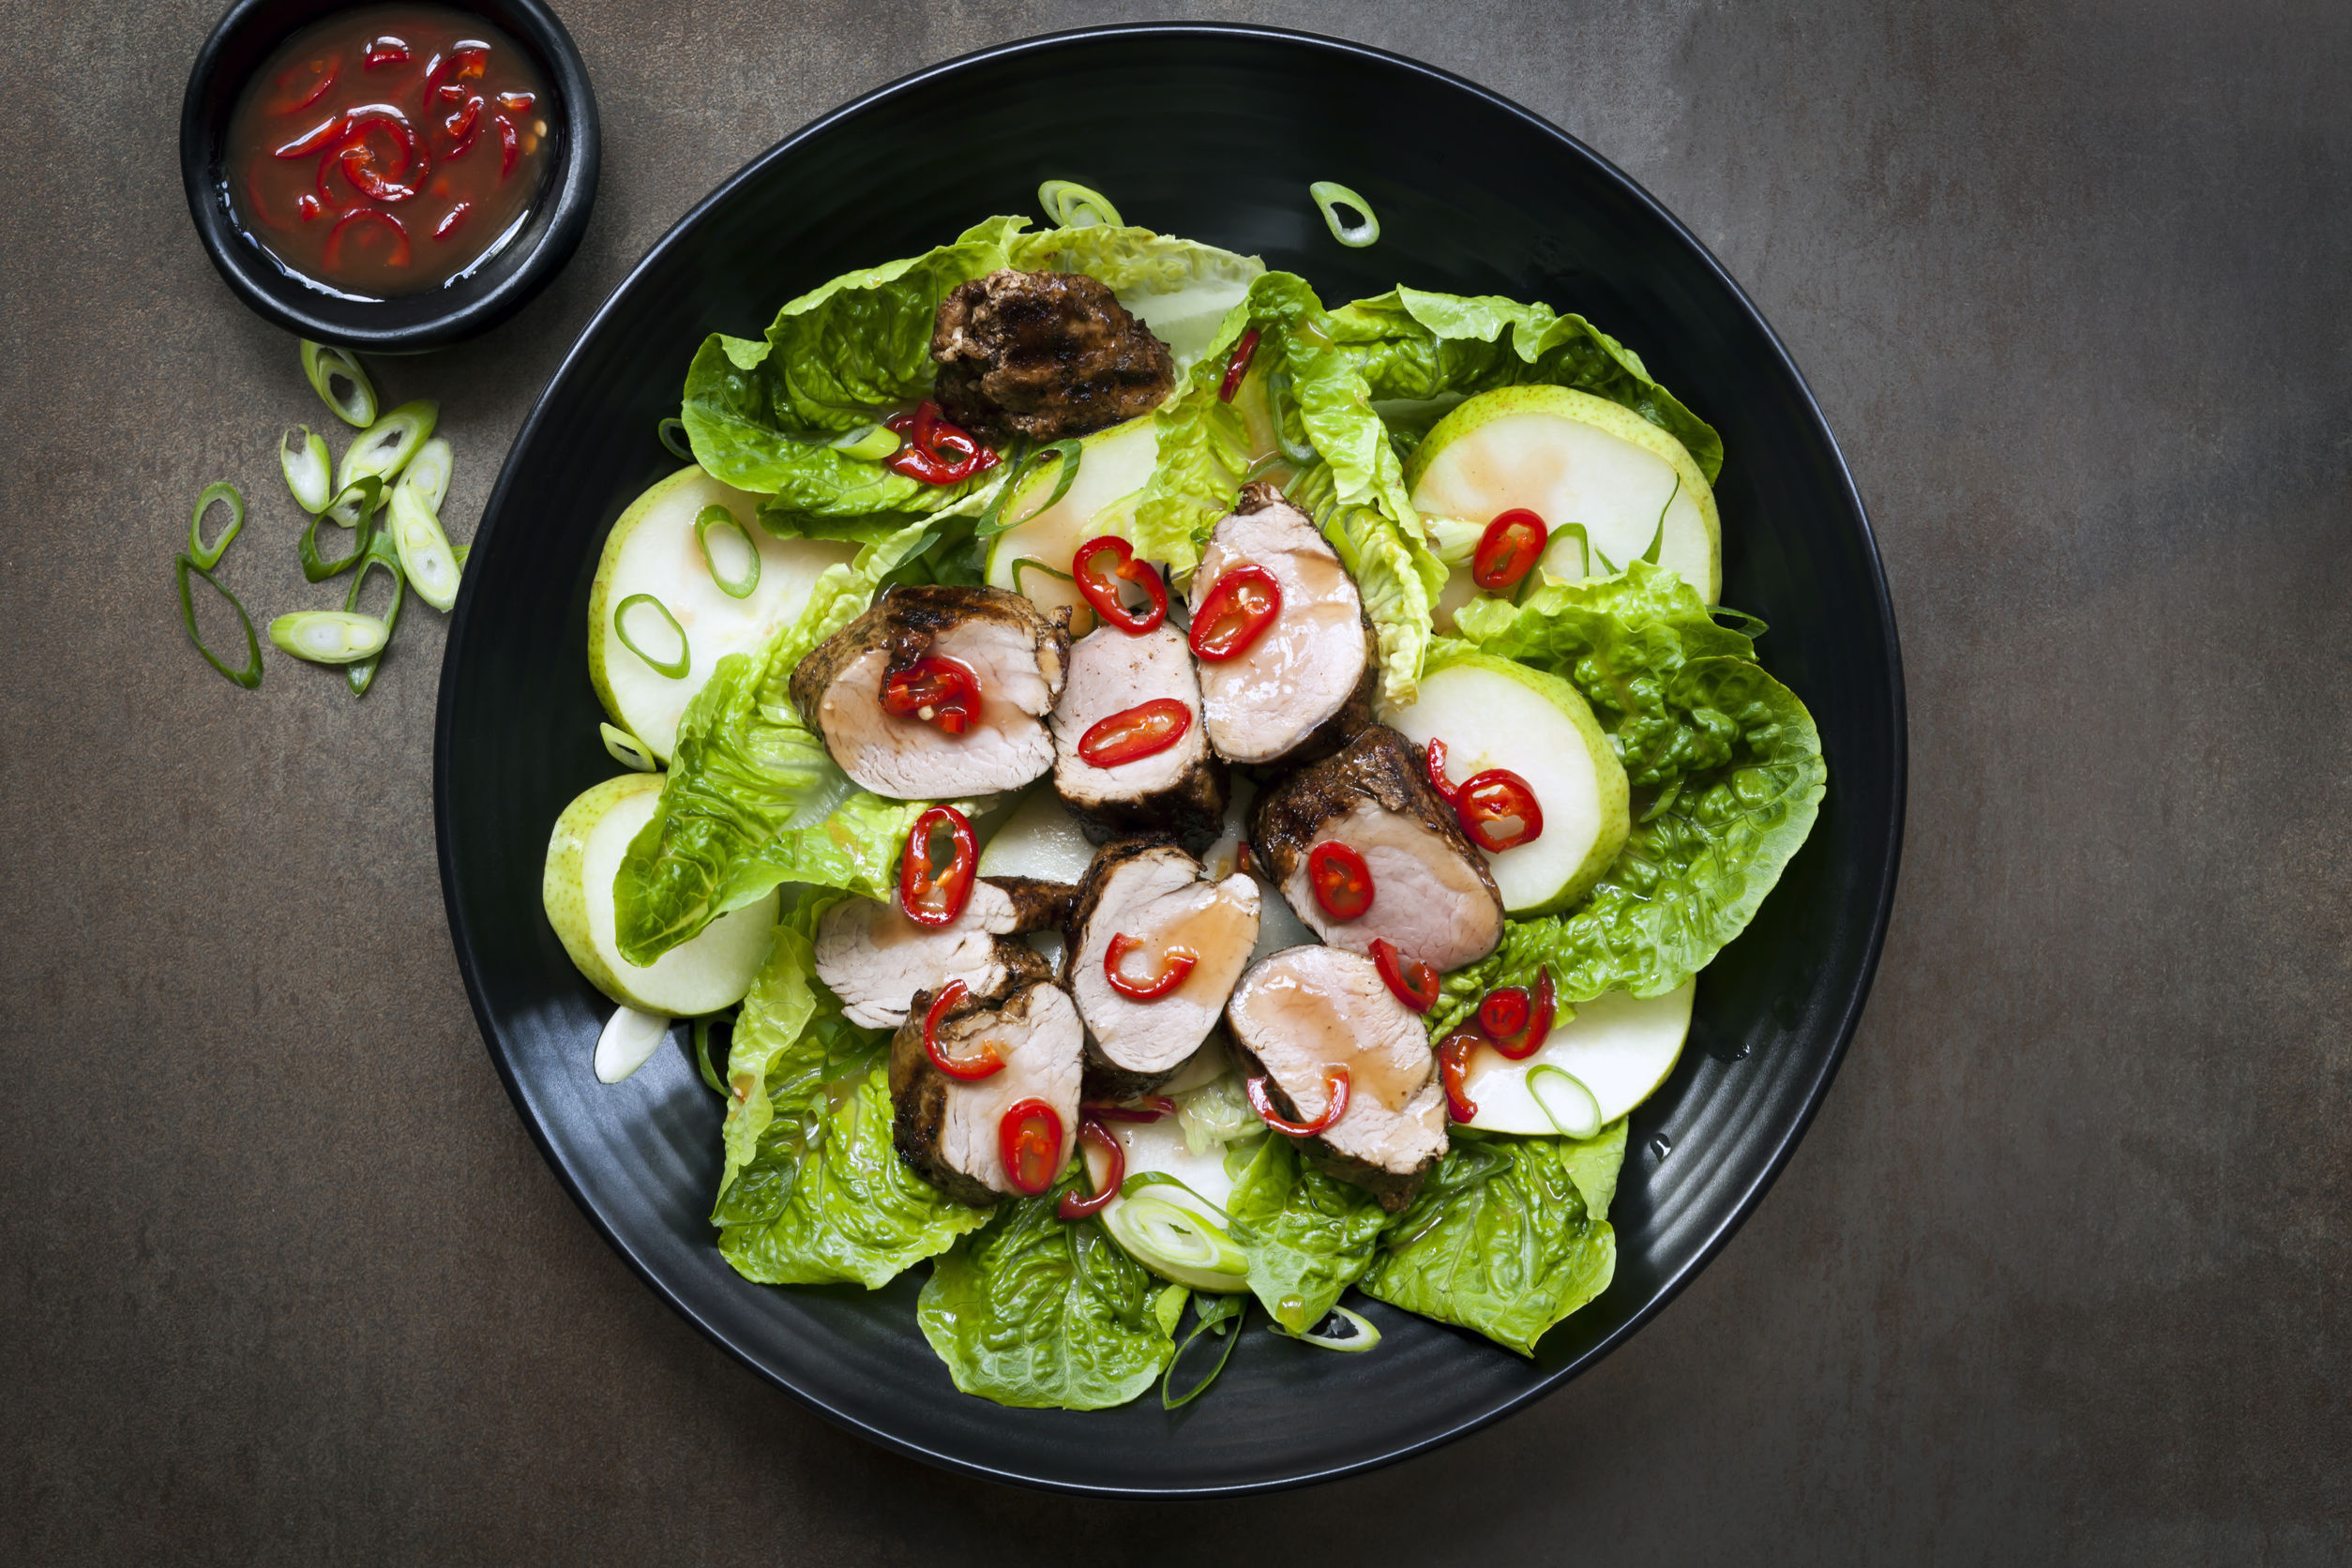 Salată verde cu muşchi de porc proaspăt afumat, pere şi dulceaţă de ardei iute